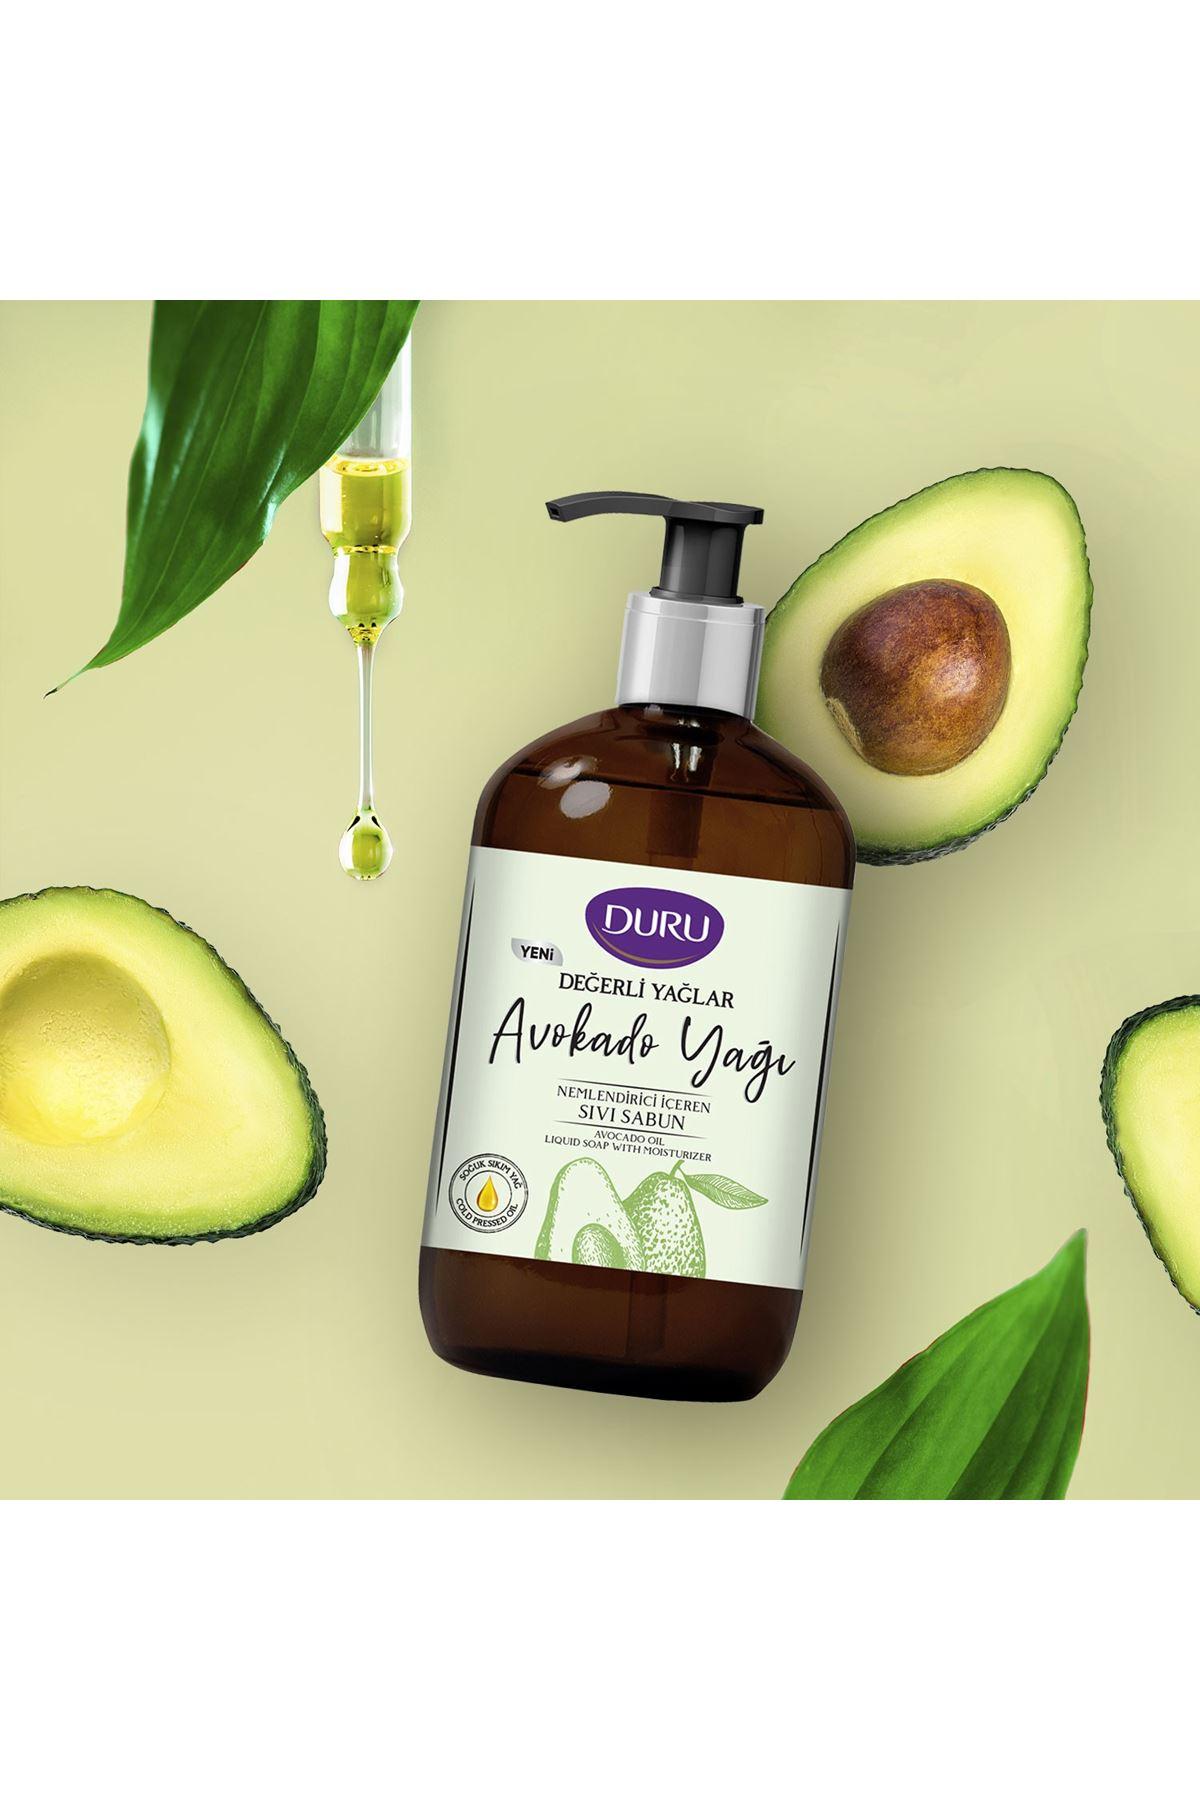 Duru Değerli Yağlar Avokado Yağı Sıvı Sabun 500 ml